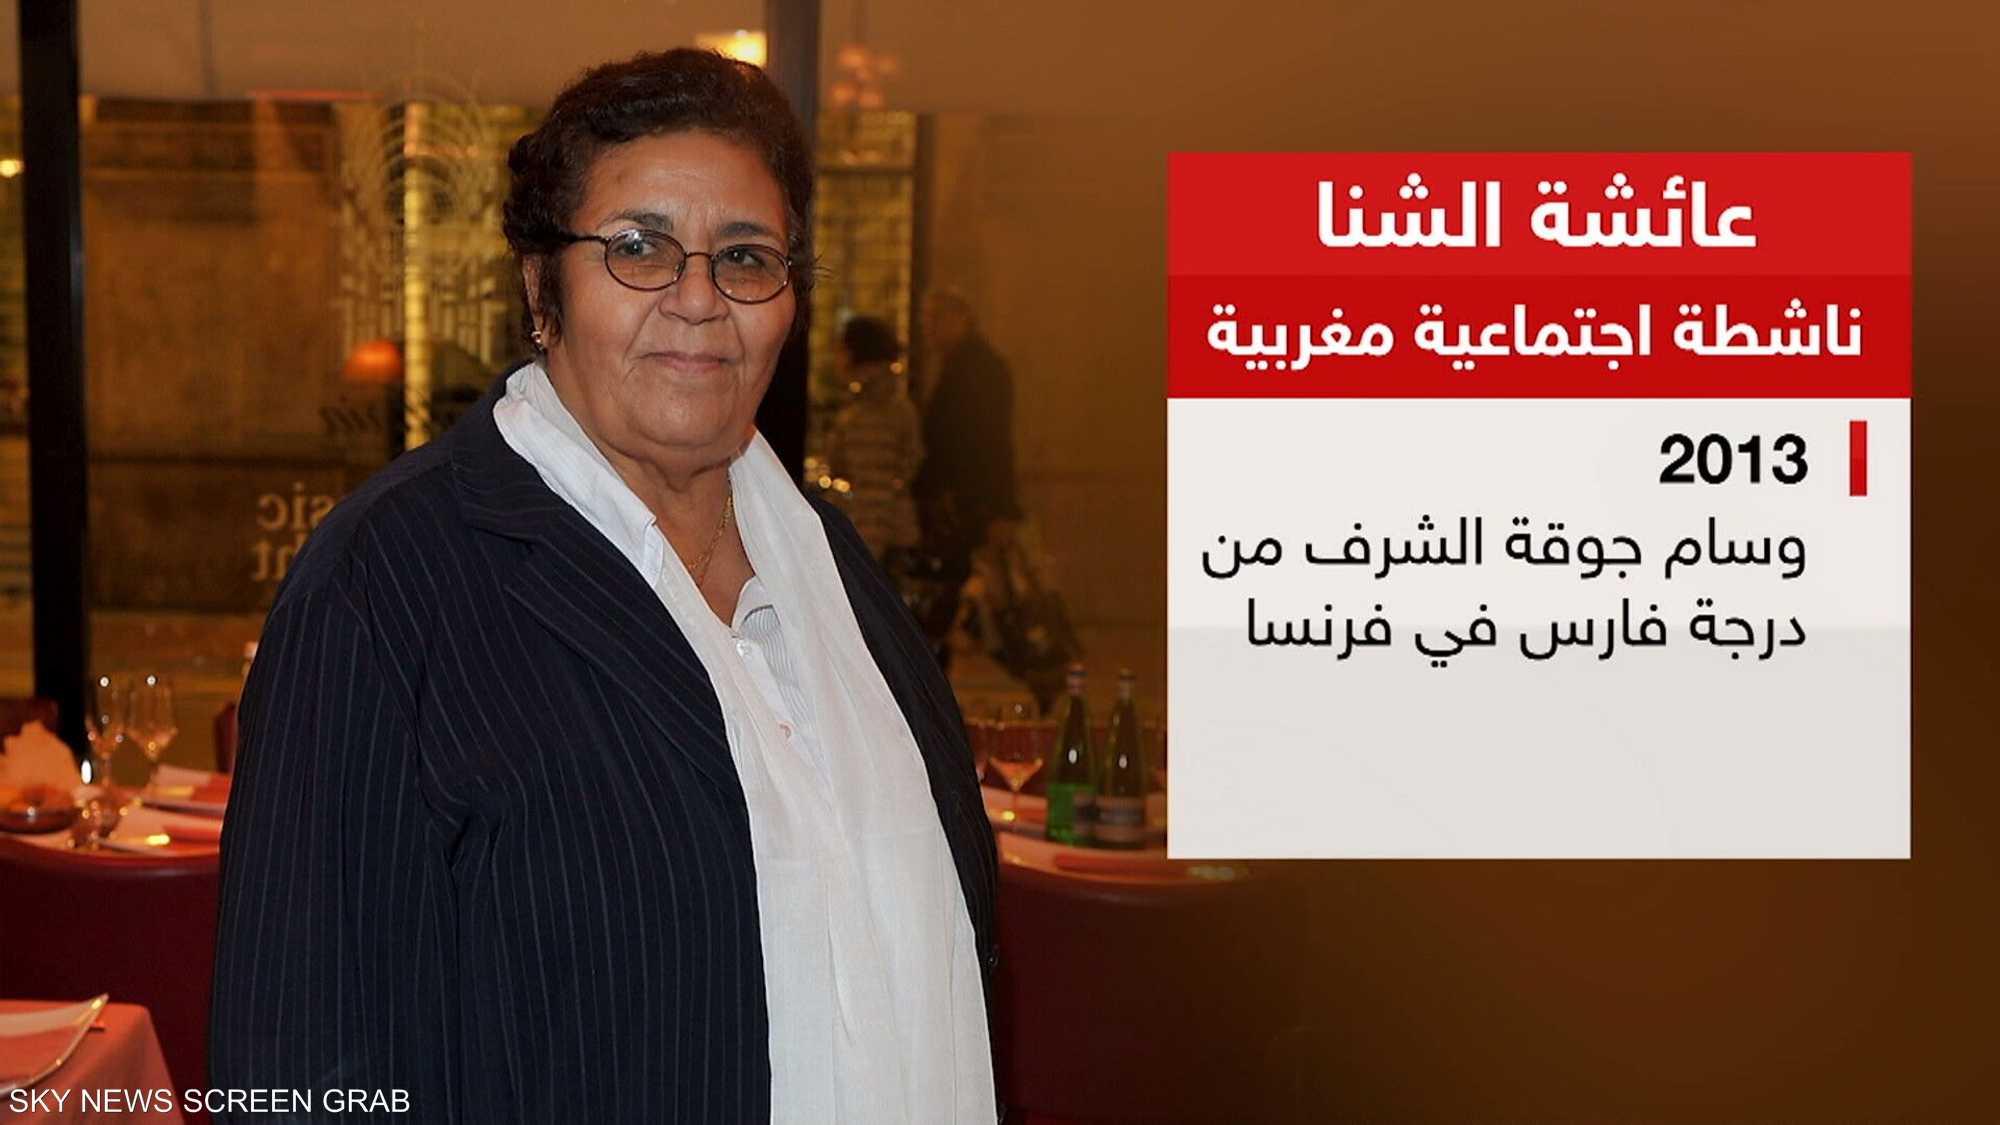 عائشة الشنا.. المرأة الأشهر في المغرب والعالم العربي